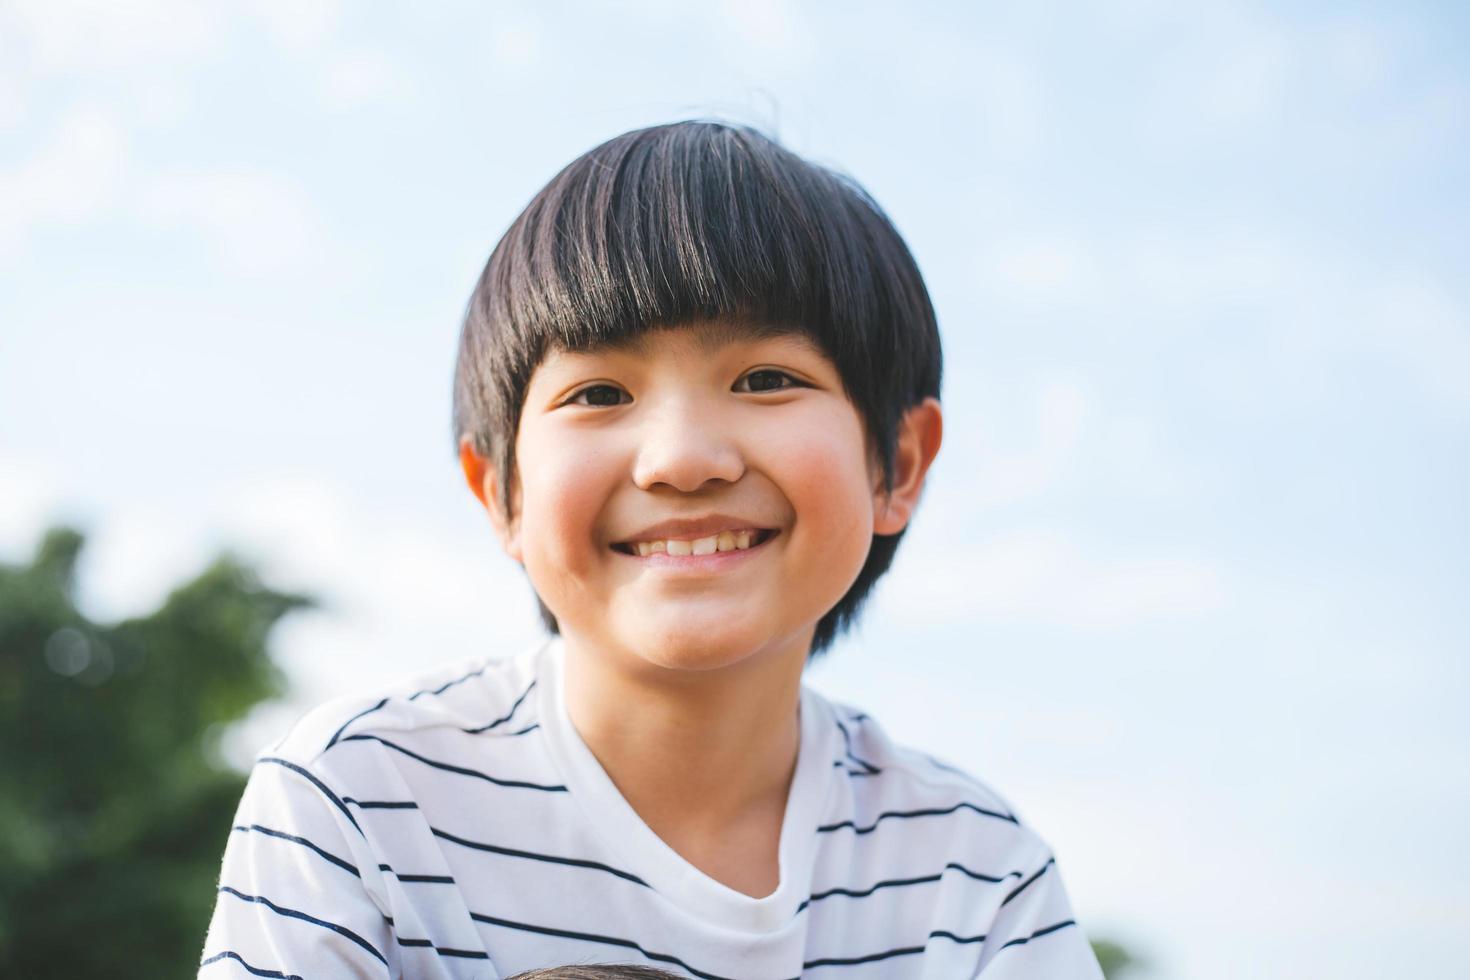 jonge gelukkige jongen foto